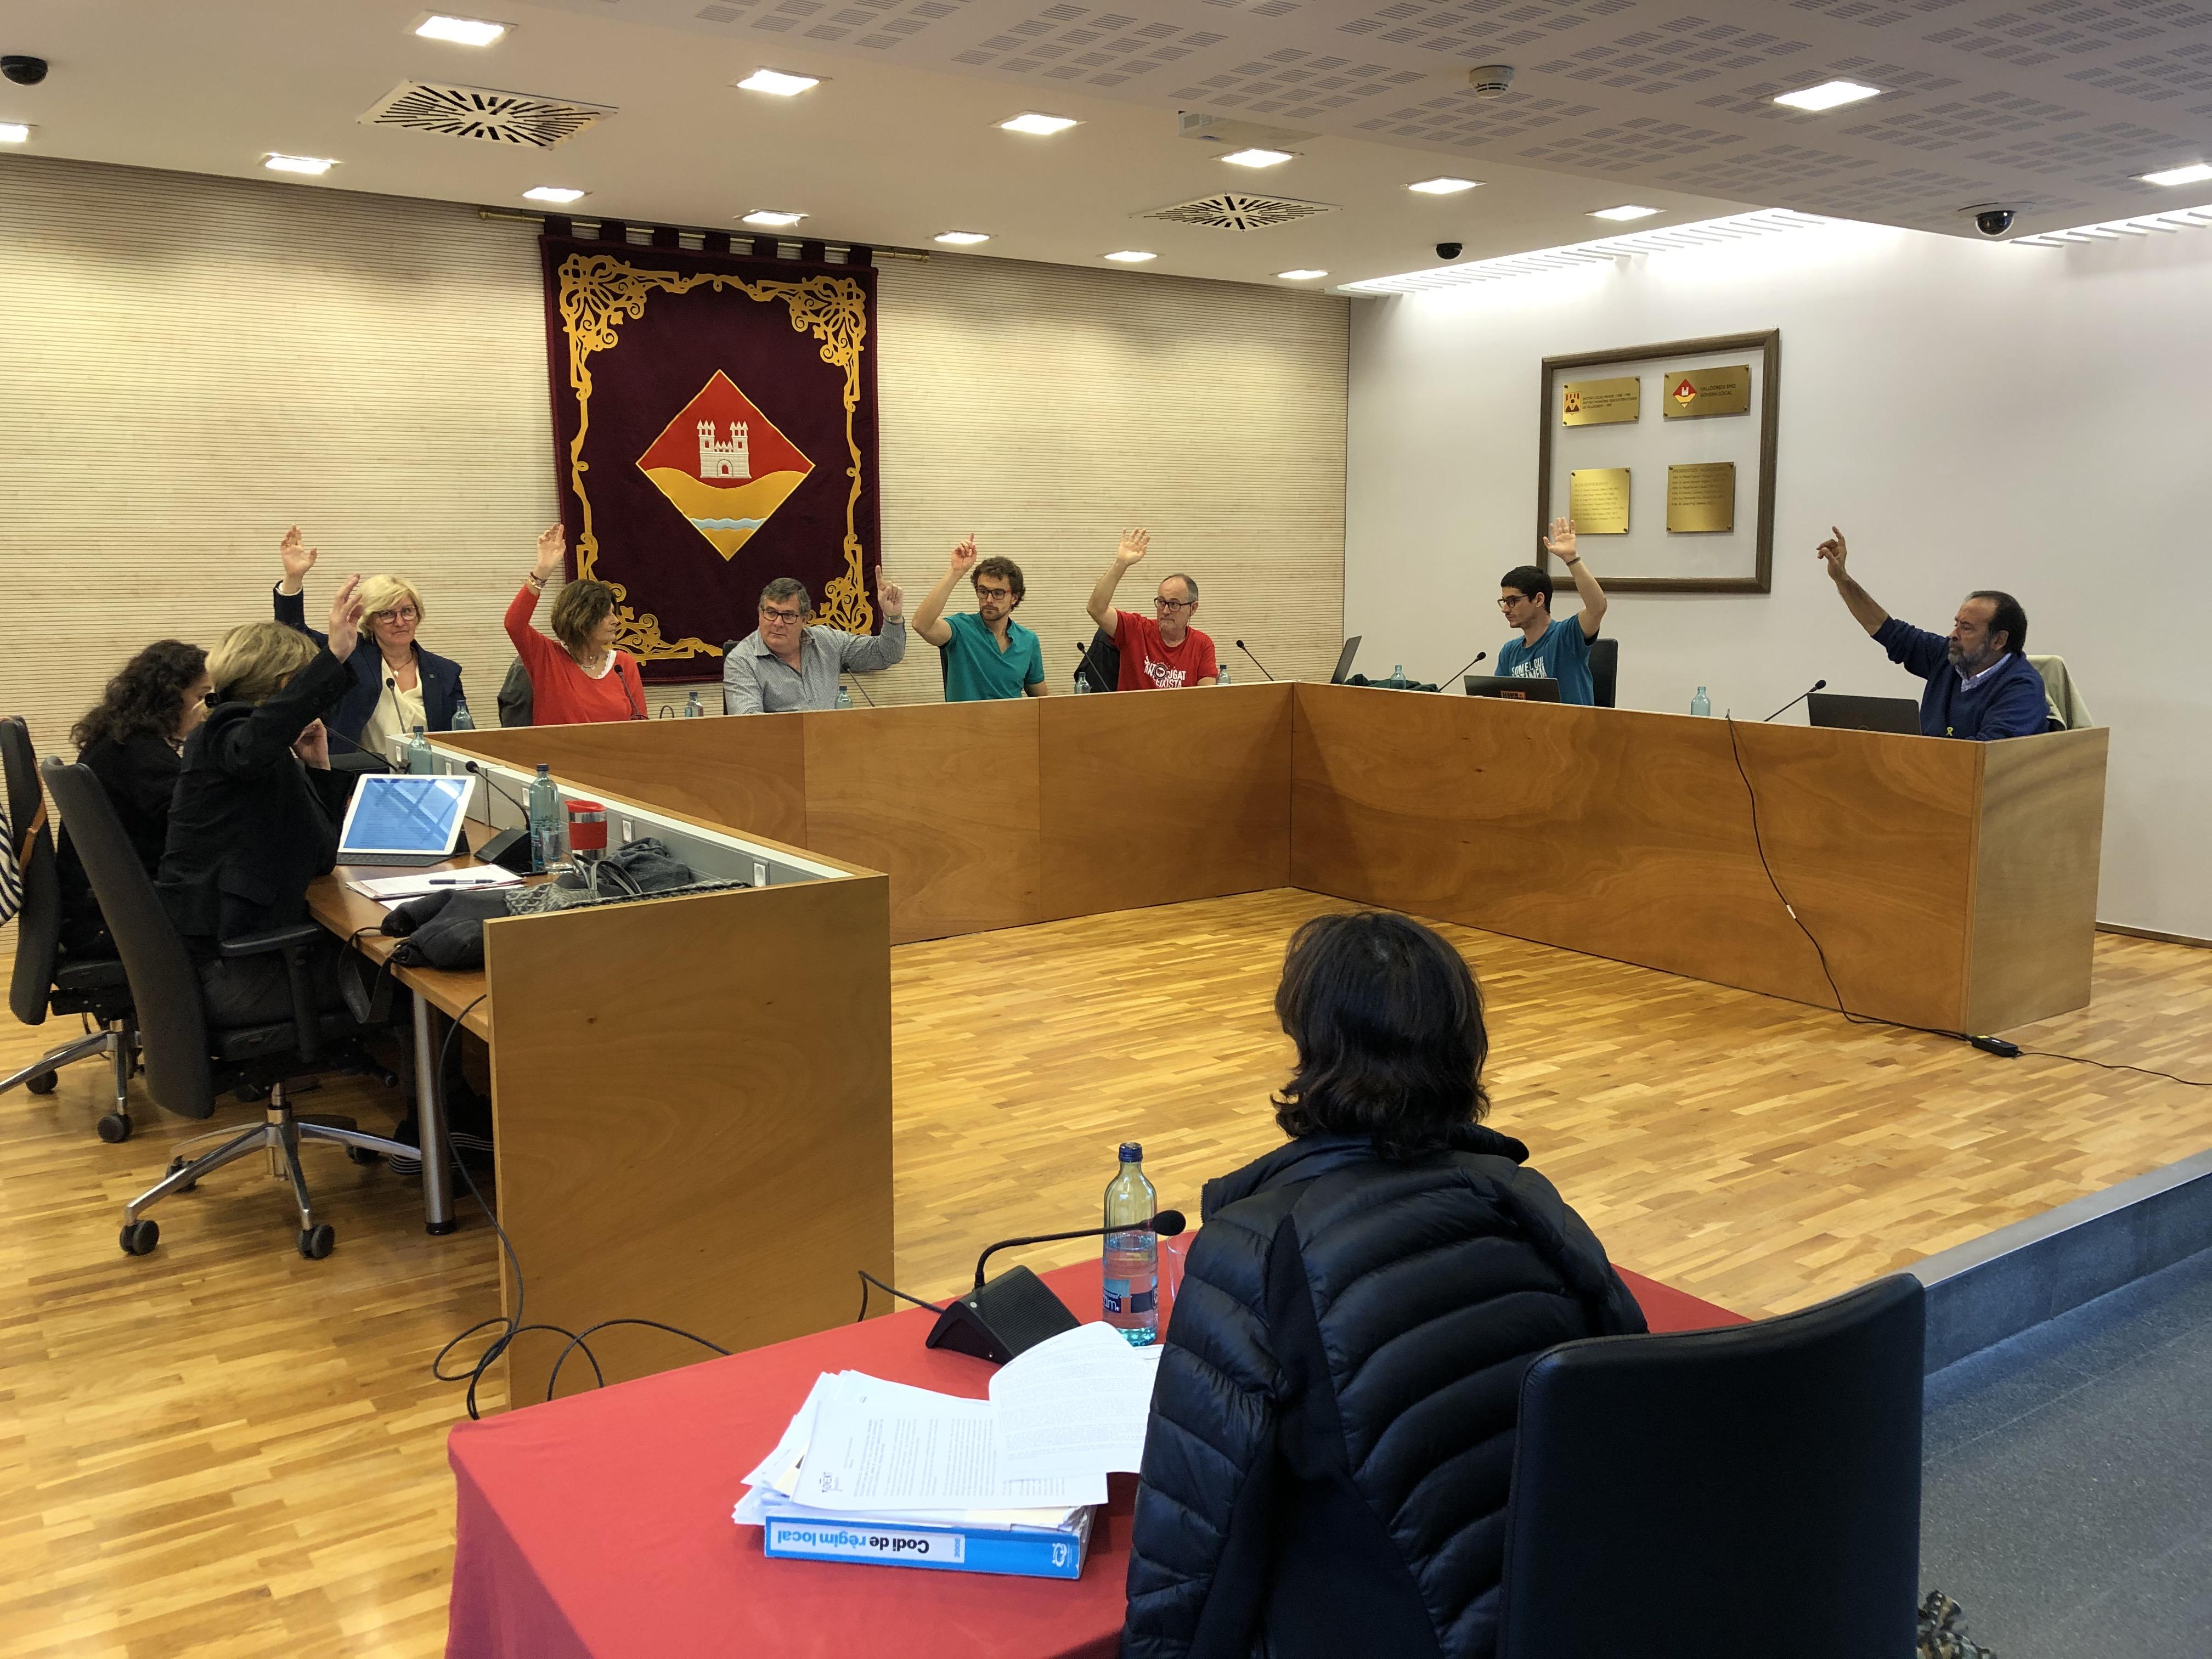 Valldoreix rebutja la criminalització de l'independentisme i aprova la creació d'una nova app d'informació ciutadana